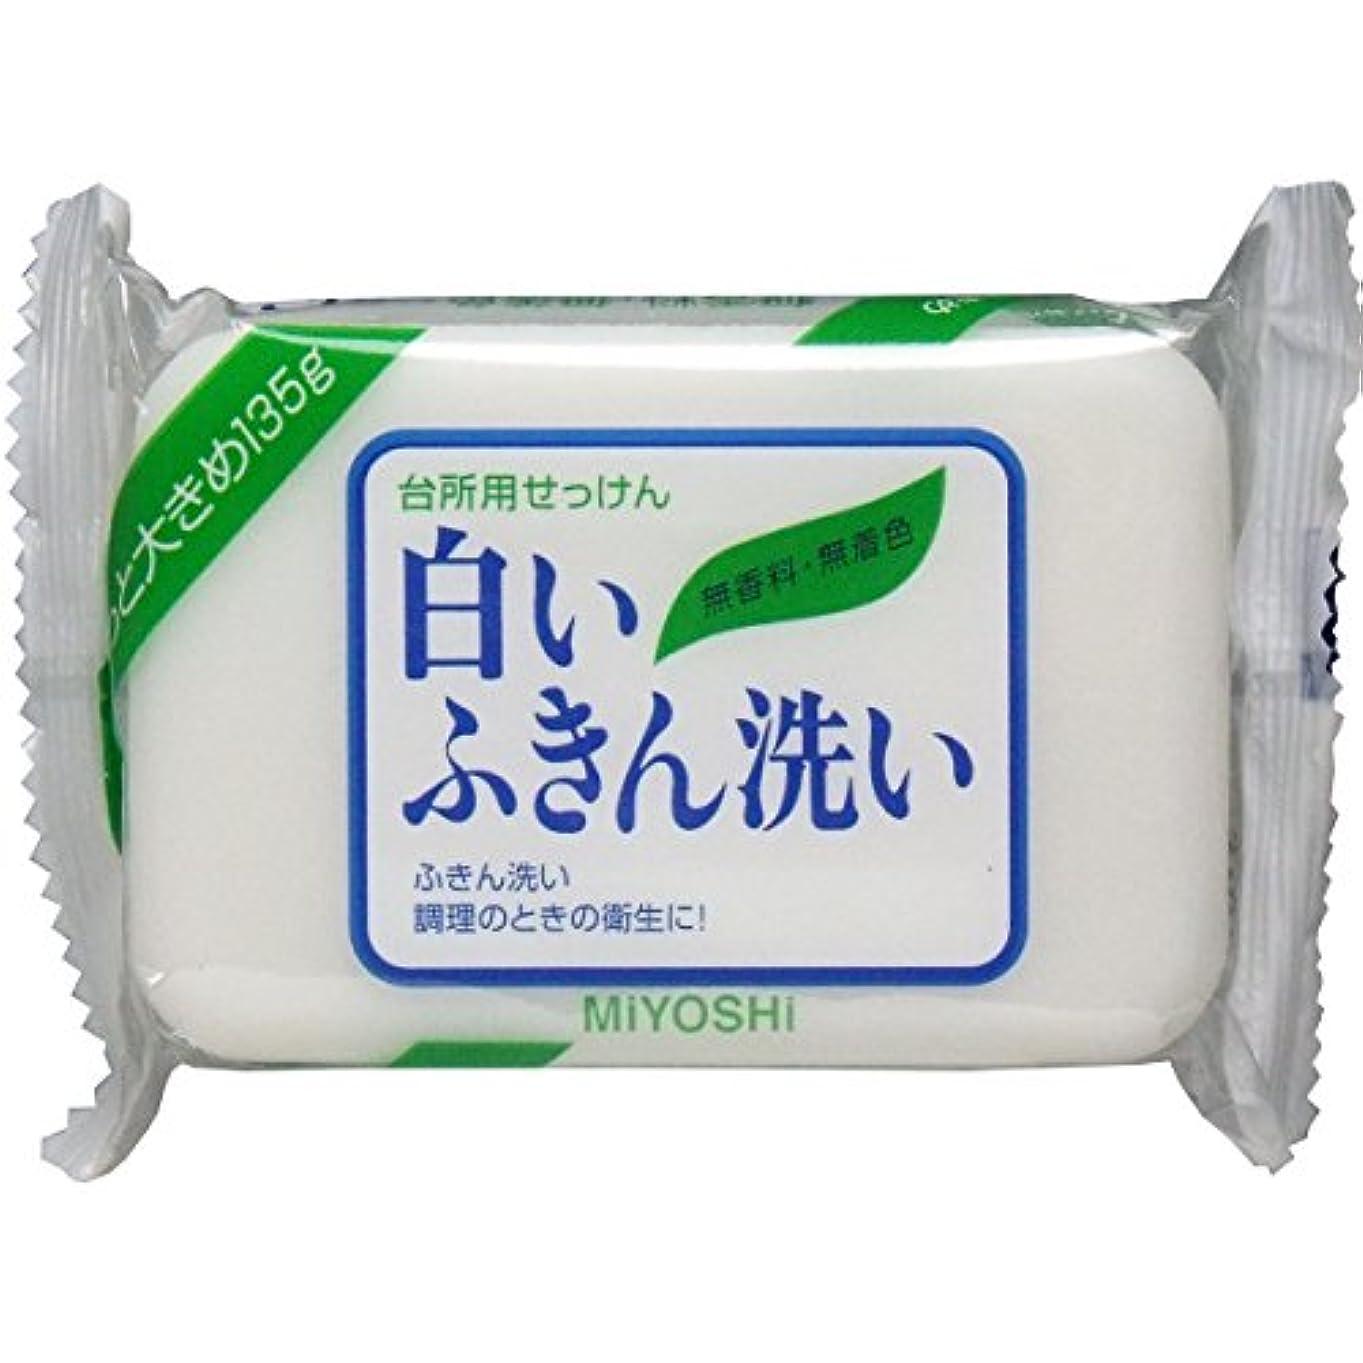 下に移動するアルコーブミヨシ石鹸 白いふきん洗い